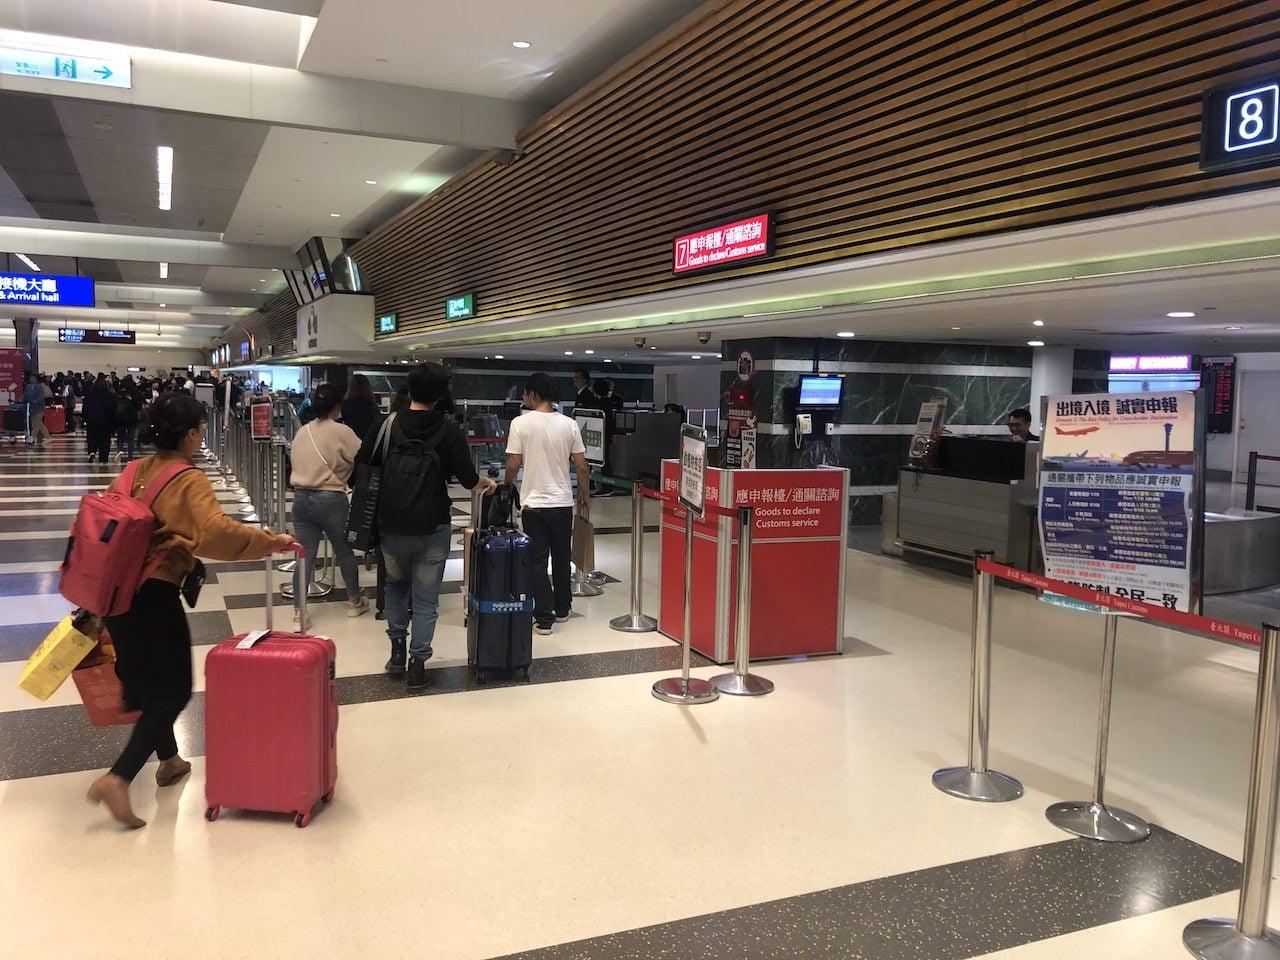 桃園空港第一ターミナルの荷物ピックアップ